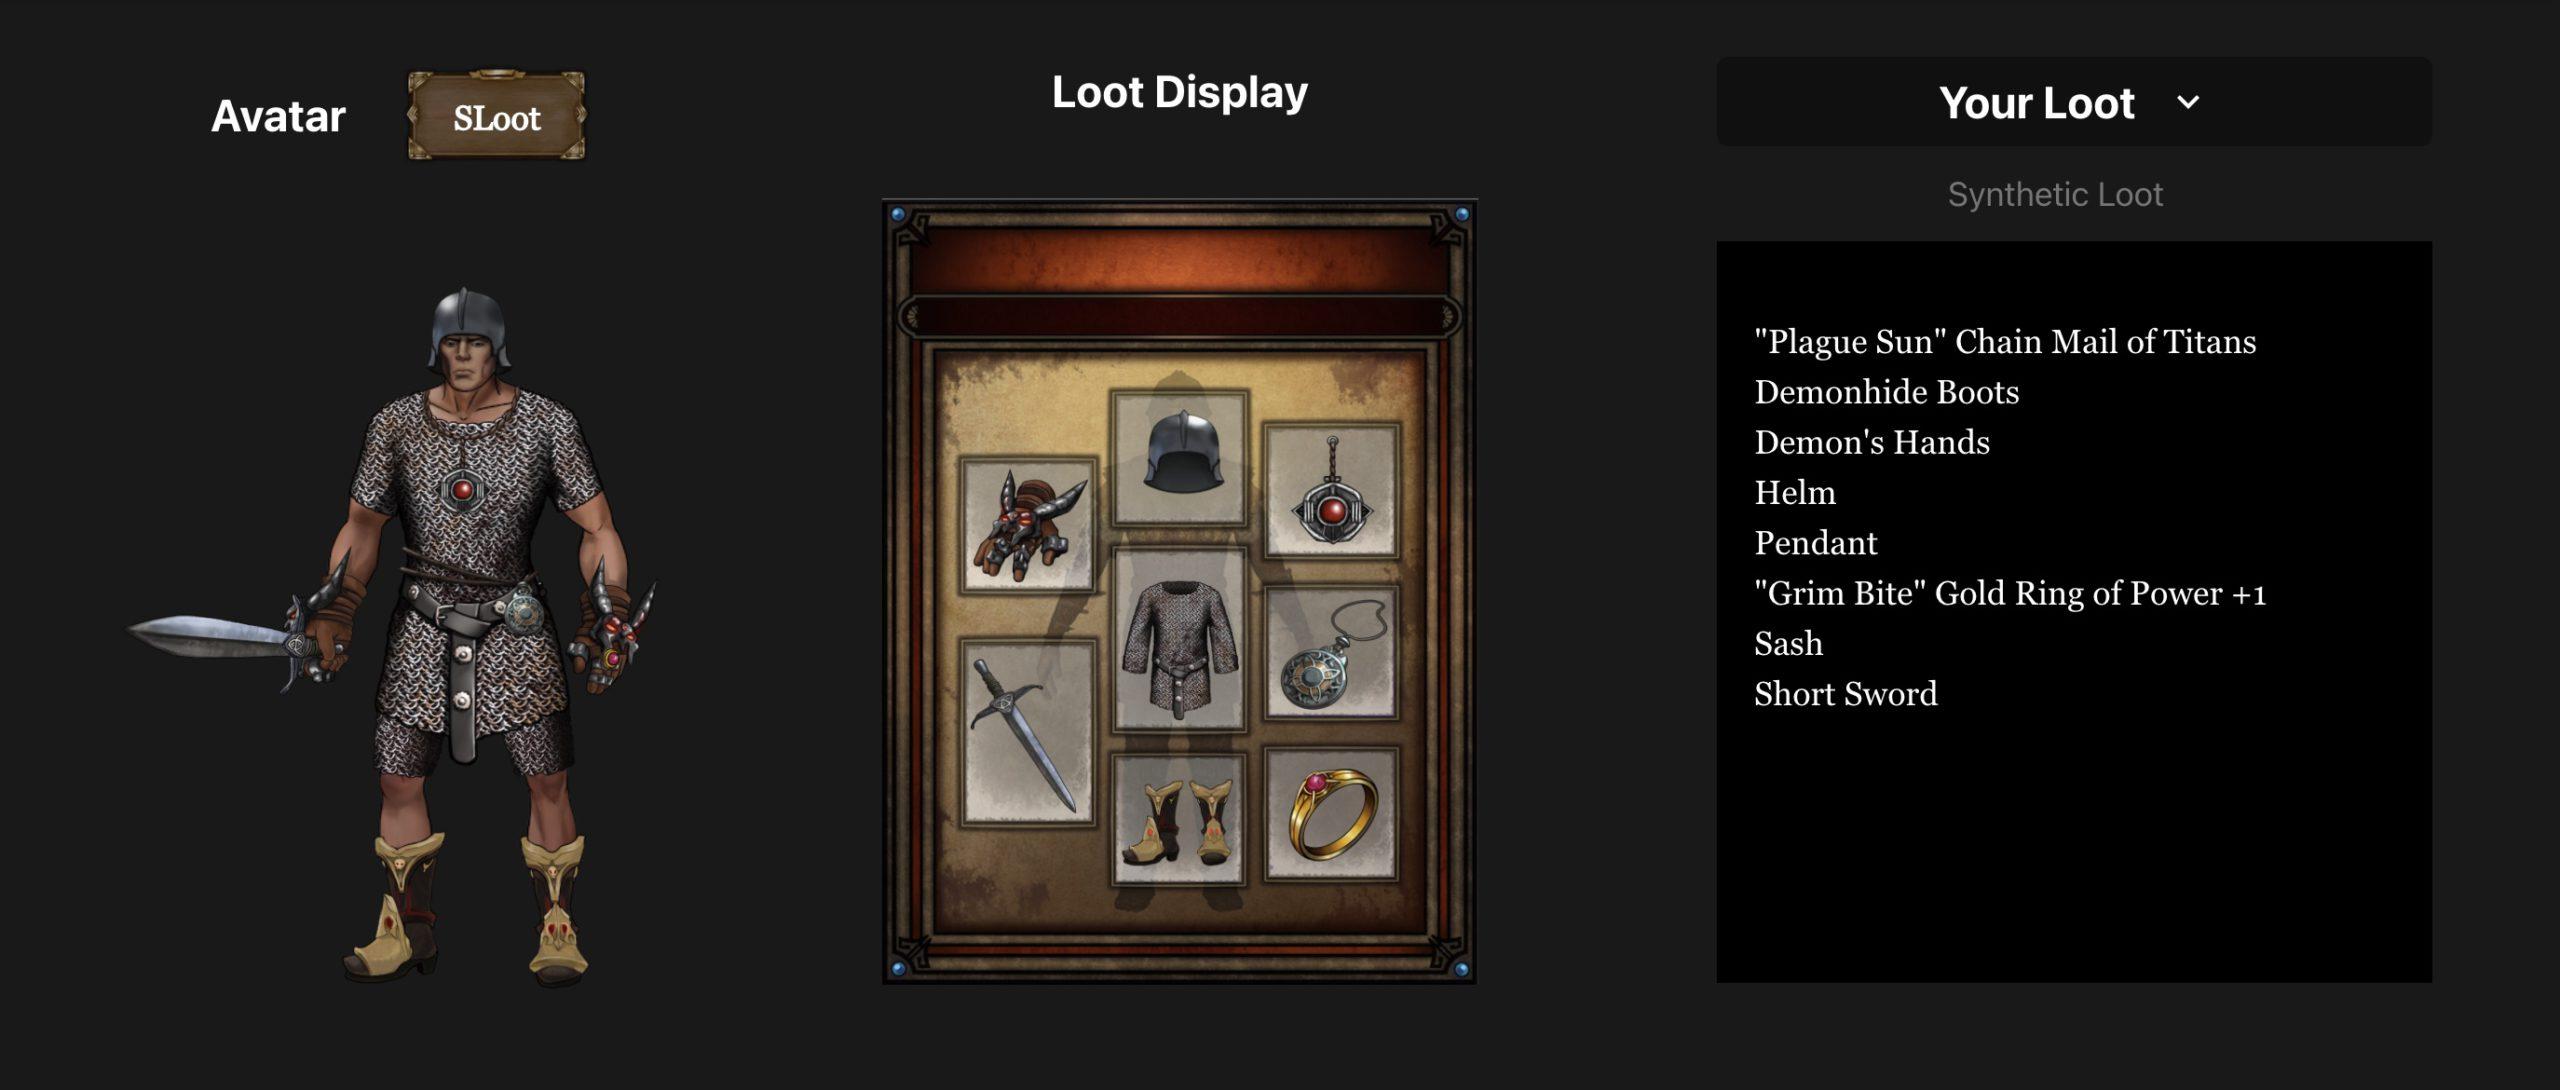 為你的 Loot 創造酷炫角色造型!Amber推出免費視覺化工具「Loot Swag」